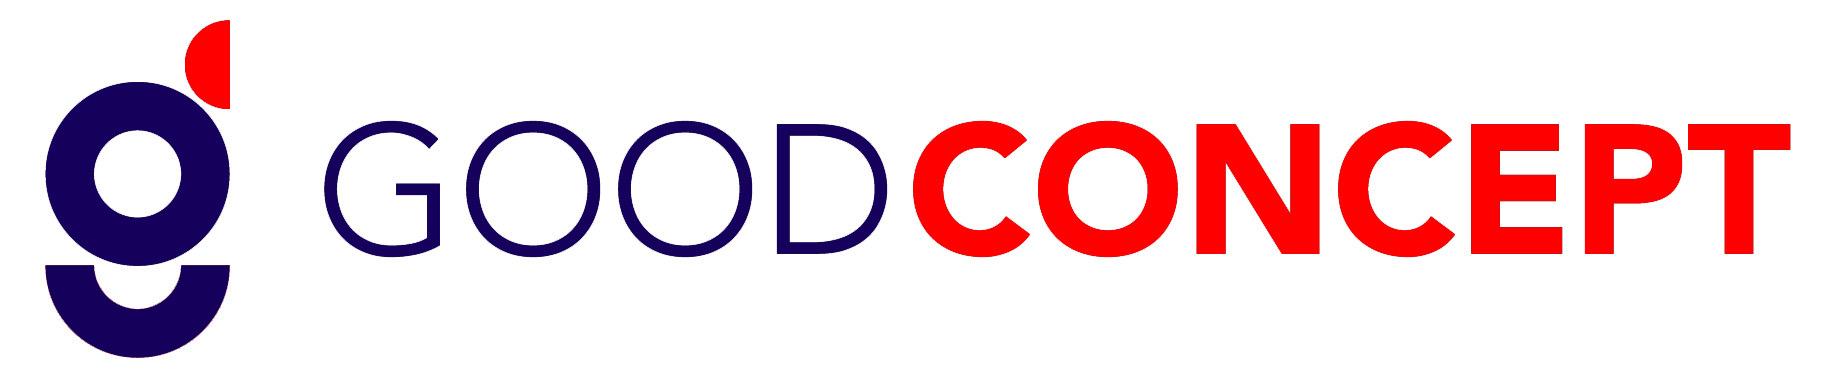 GoodConcept